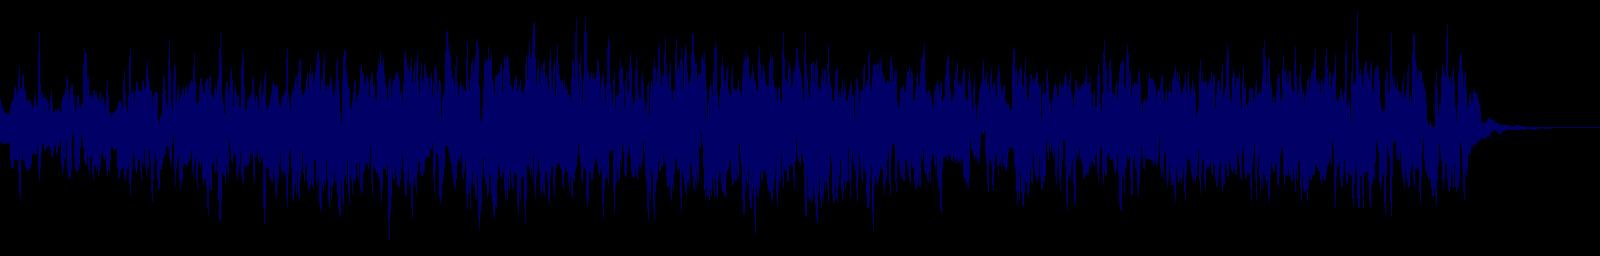 waveform of track #132191